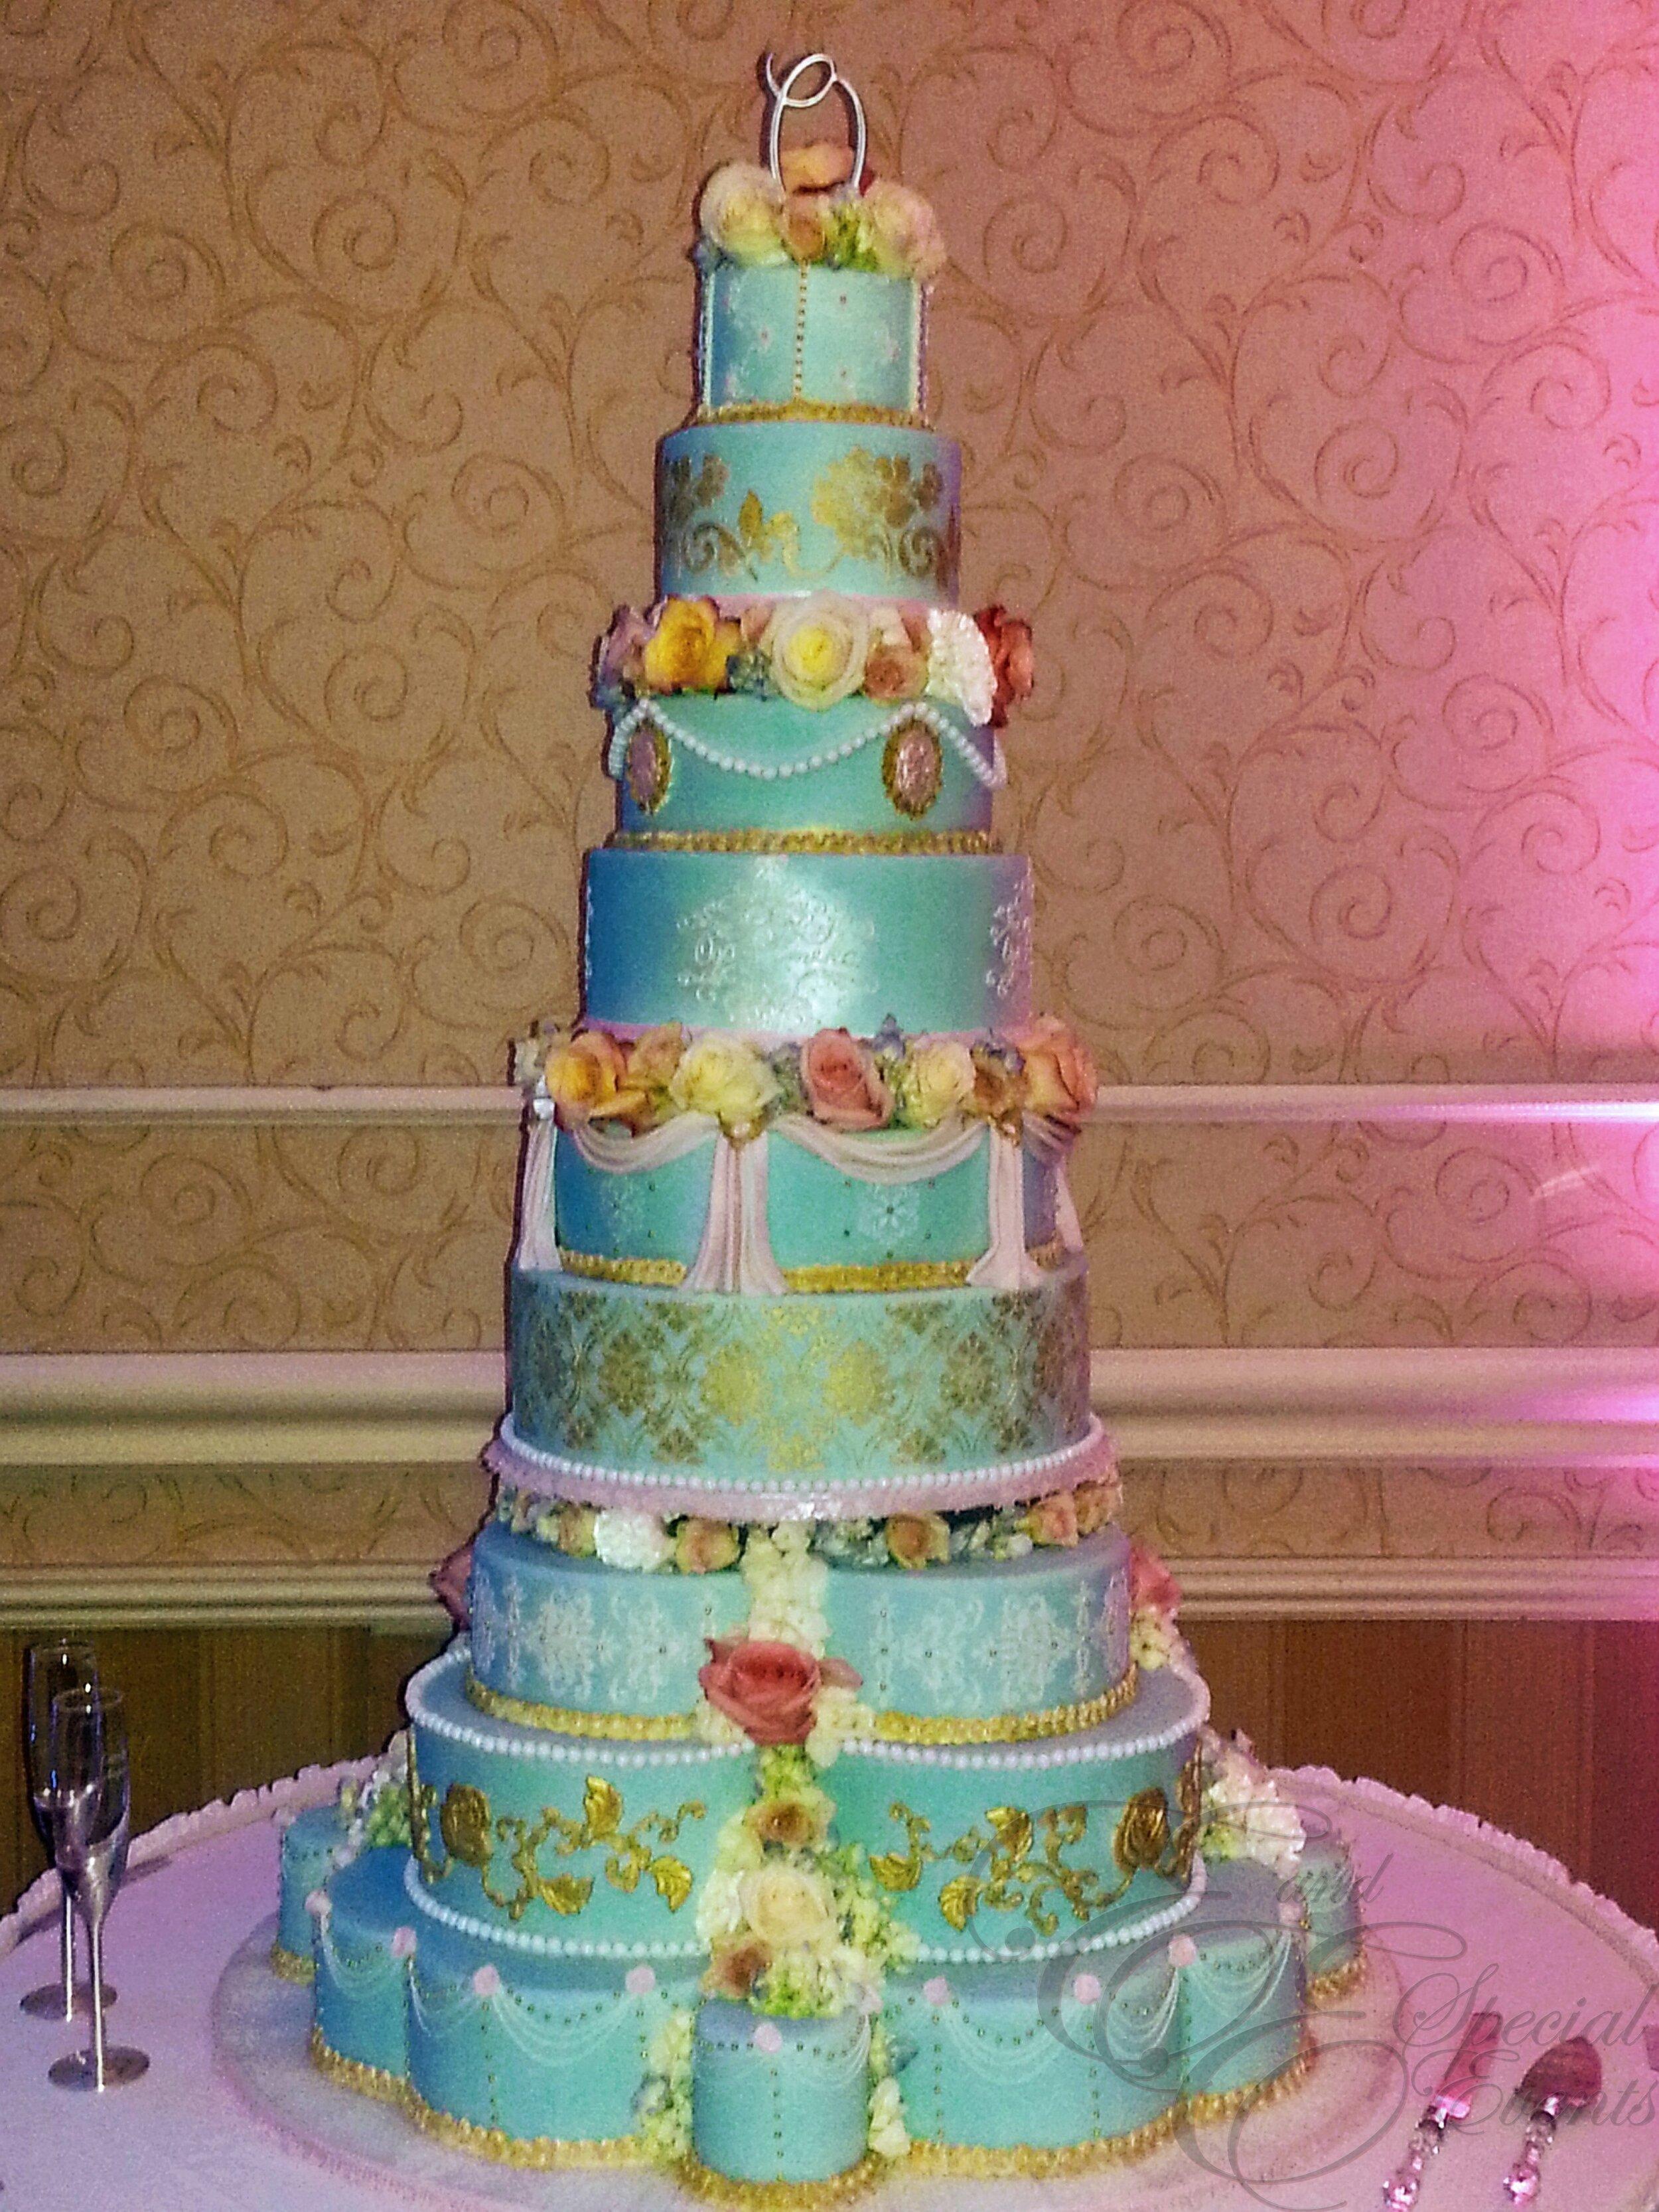 wedding_cakes_E_and_E_Special_Events_virginia_beach_18.jpg